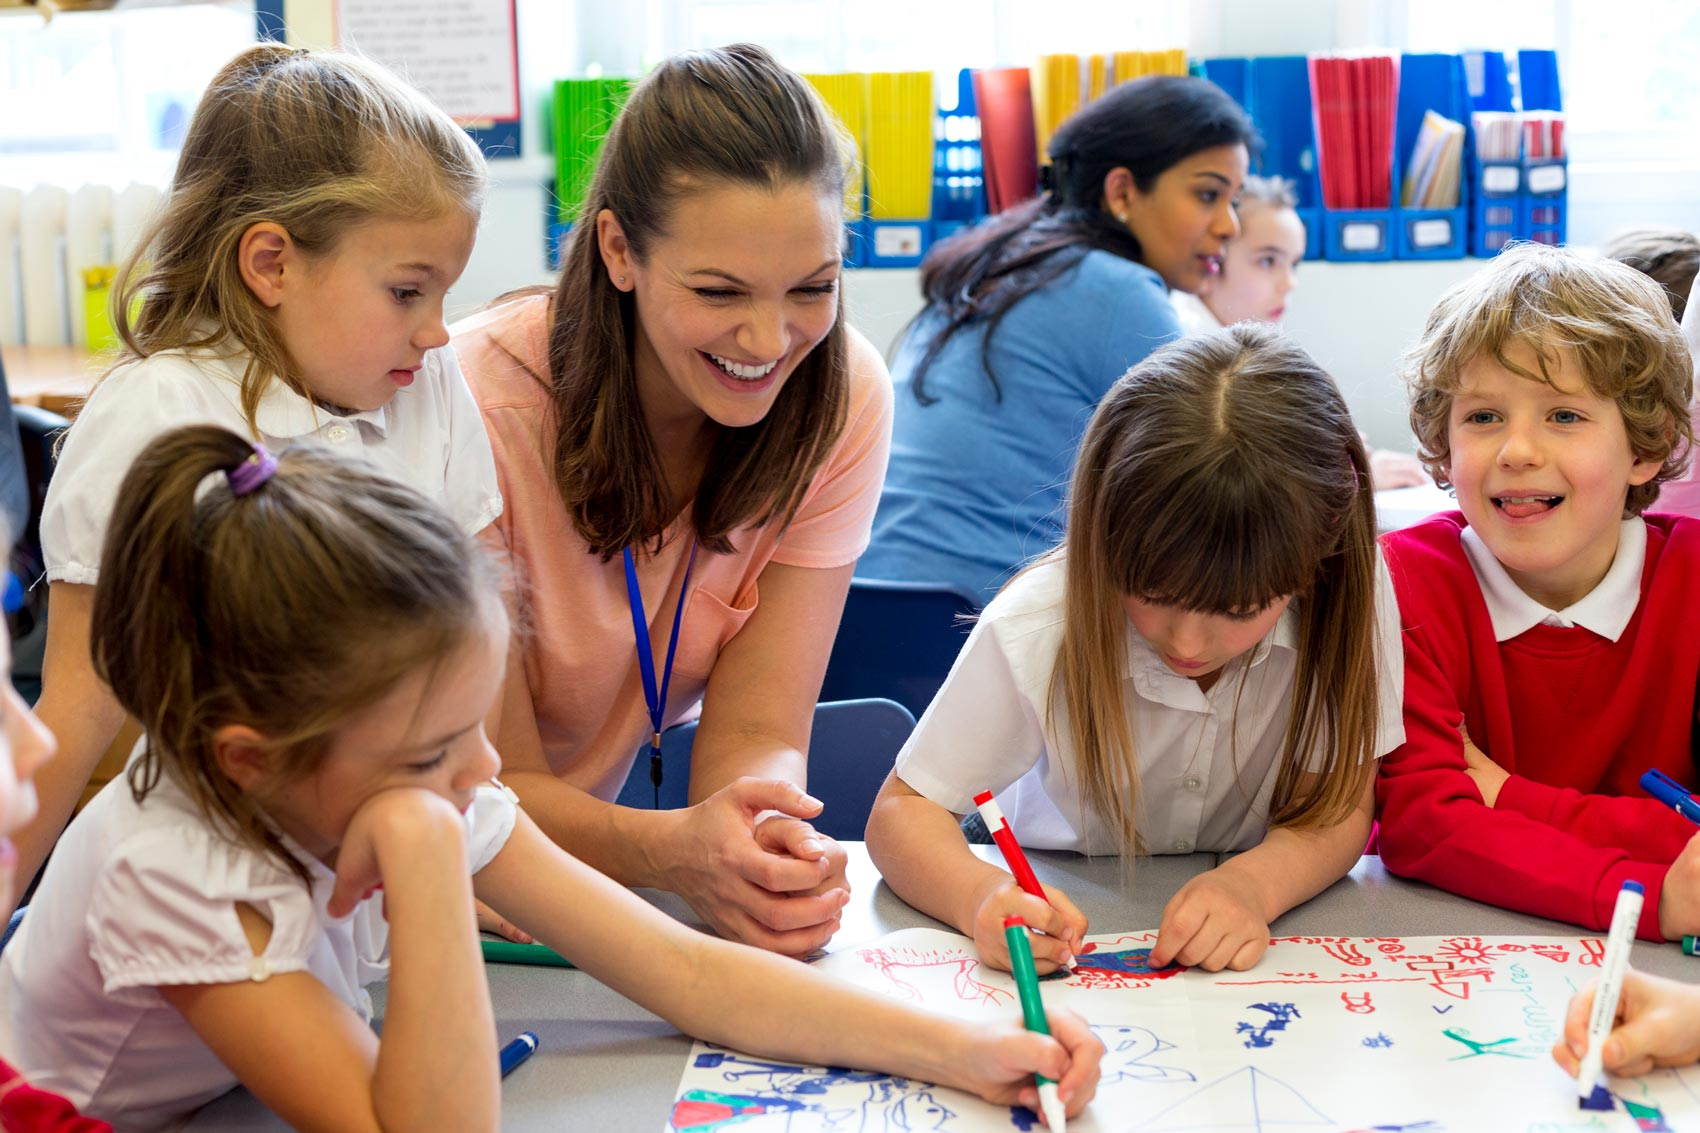 La programación didáctica te ayudará a responder las necesidades específicas de tu grupo clase.